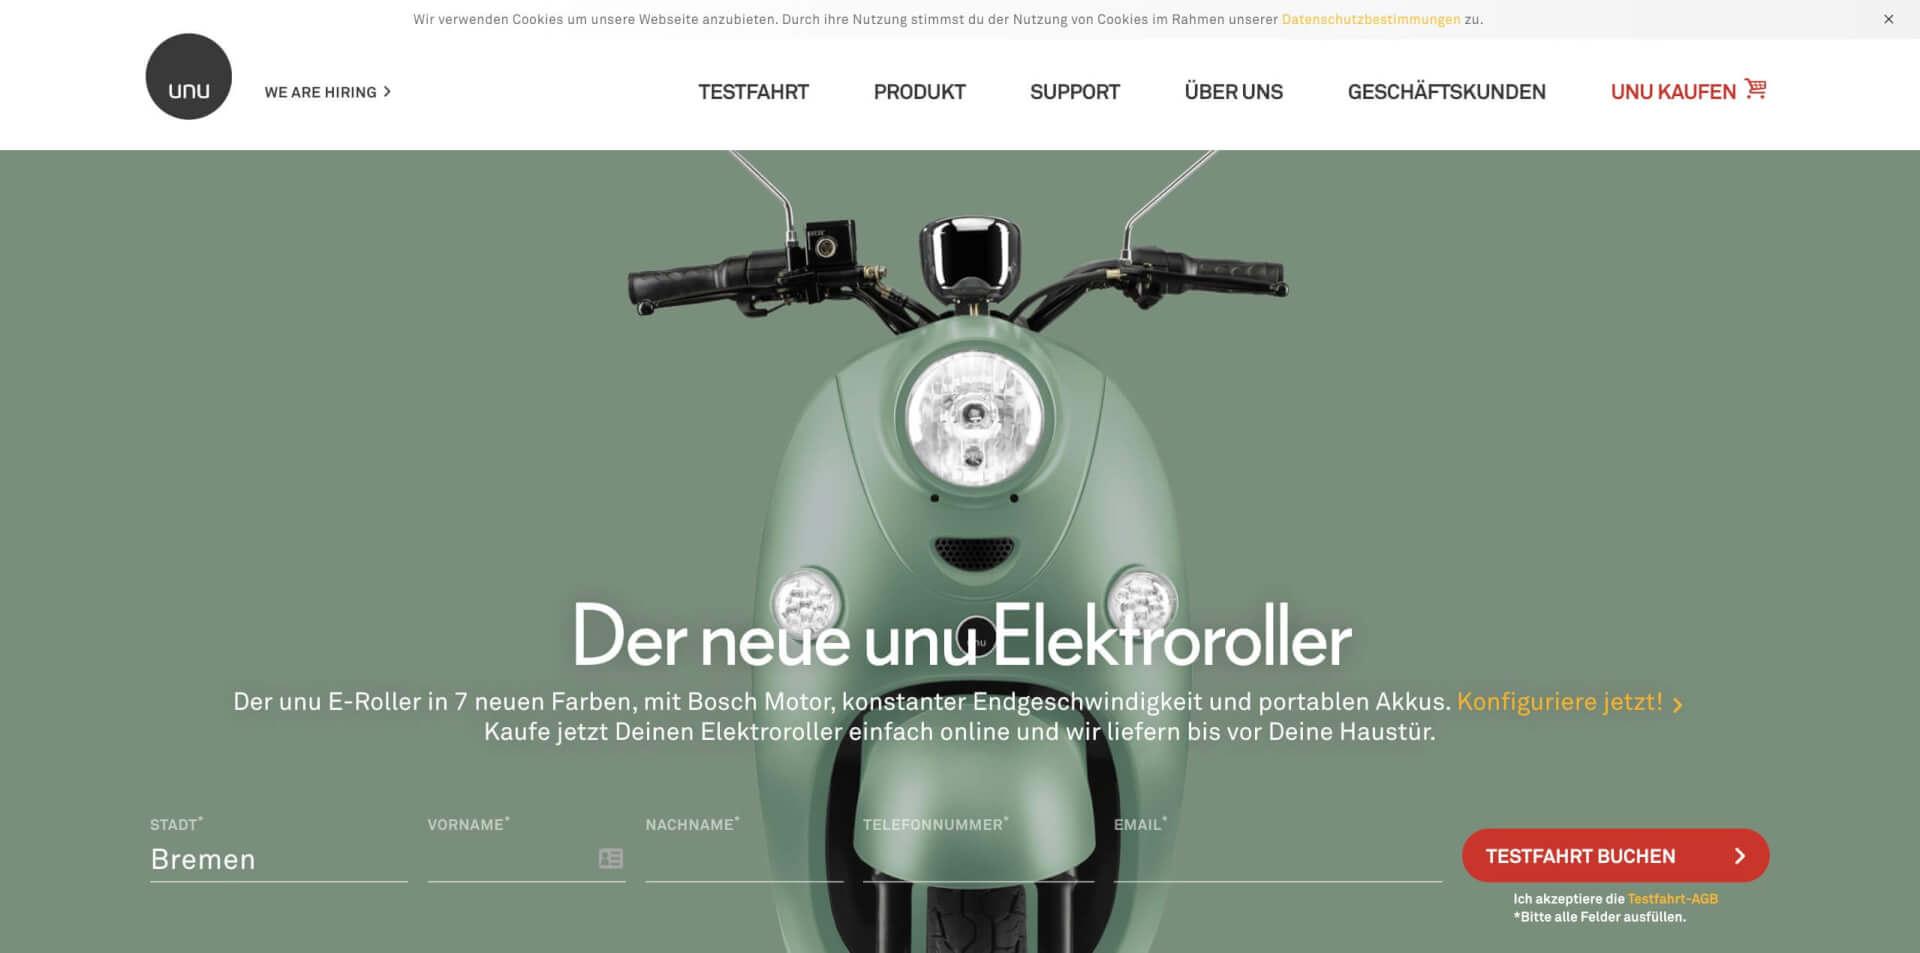 AppScooter E Roller unumotors Elektroroller Einfach Online Kaufen unu